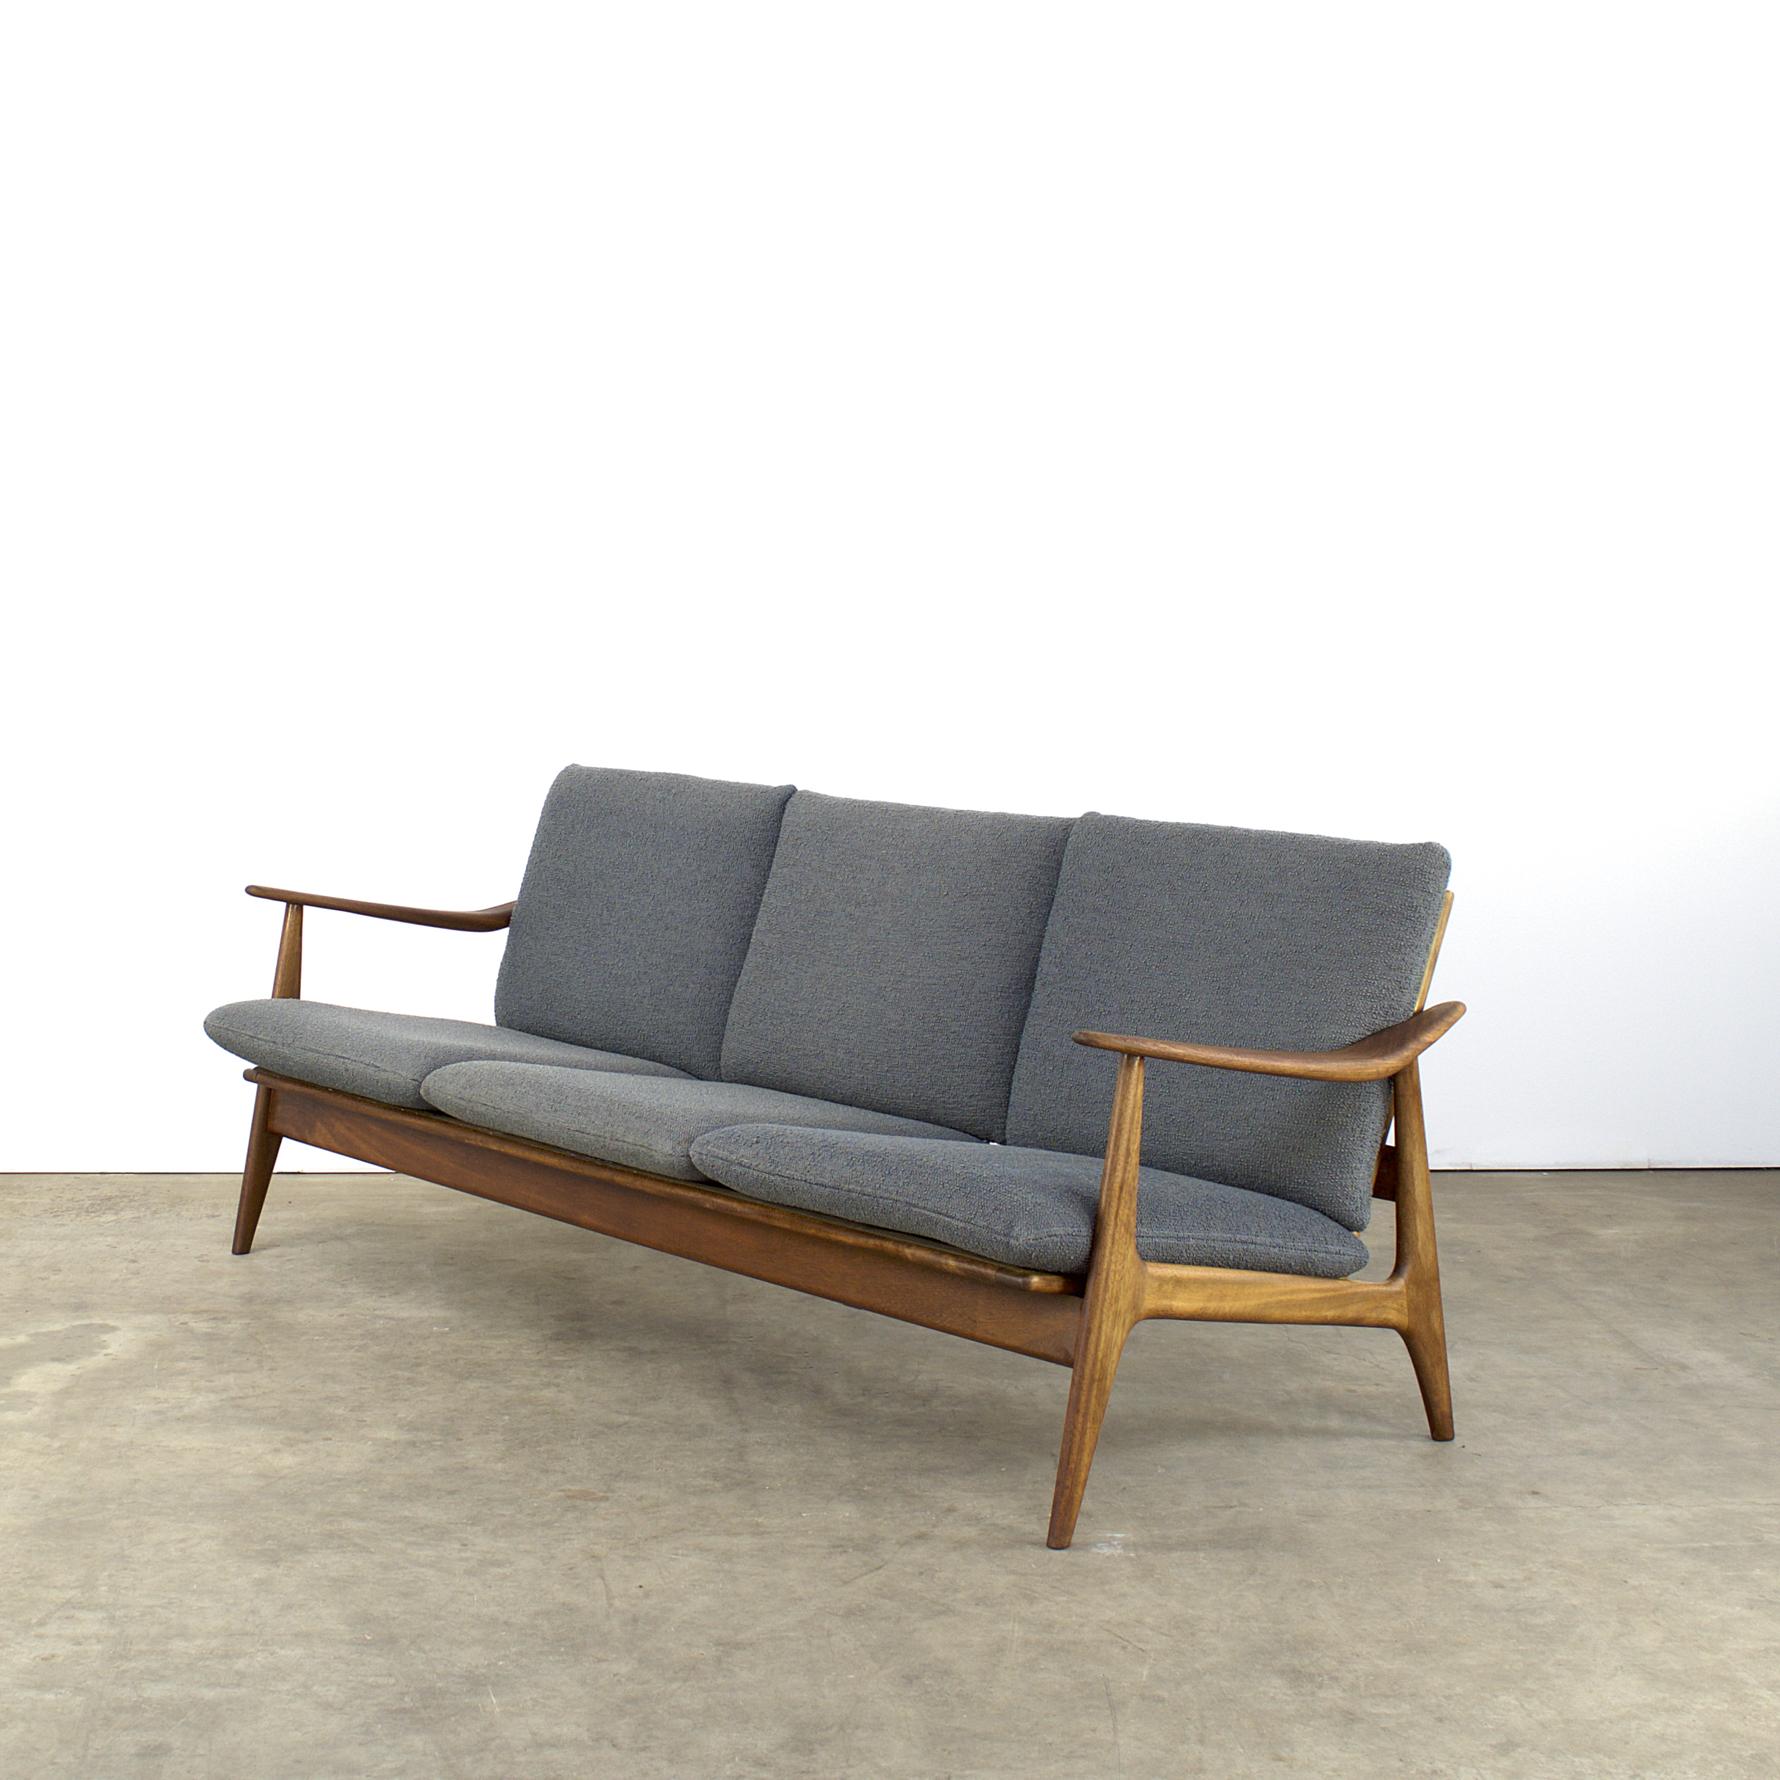 Midcentury teak sofa couch